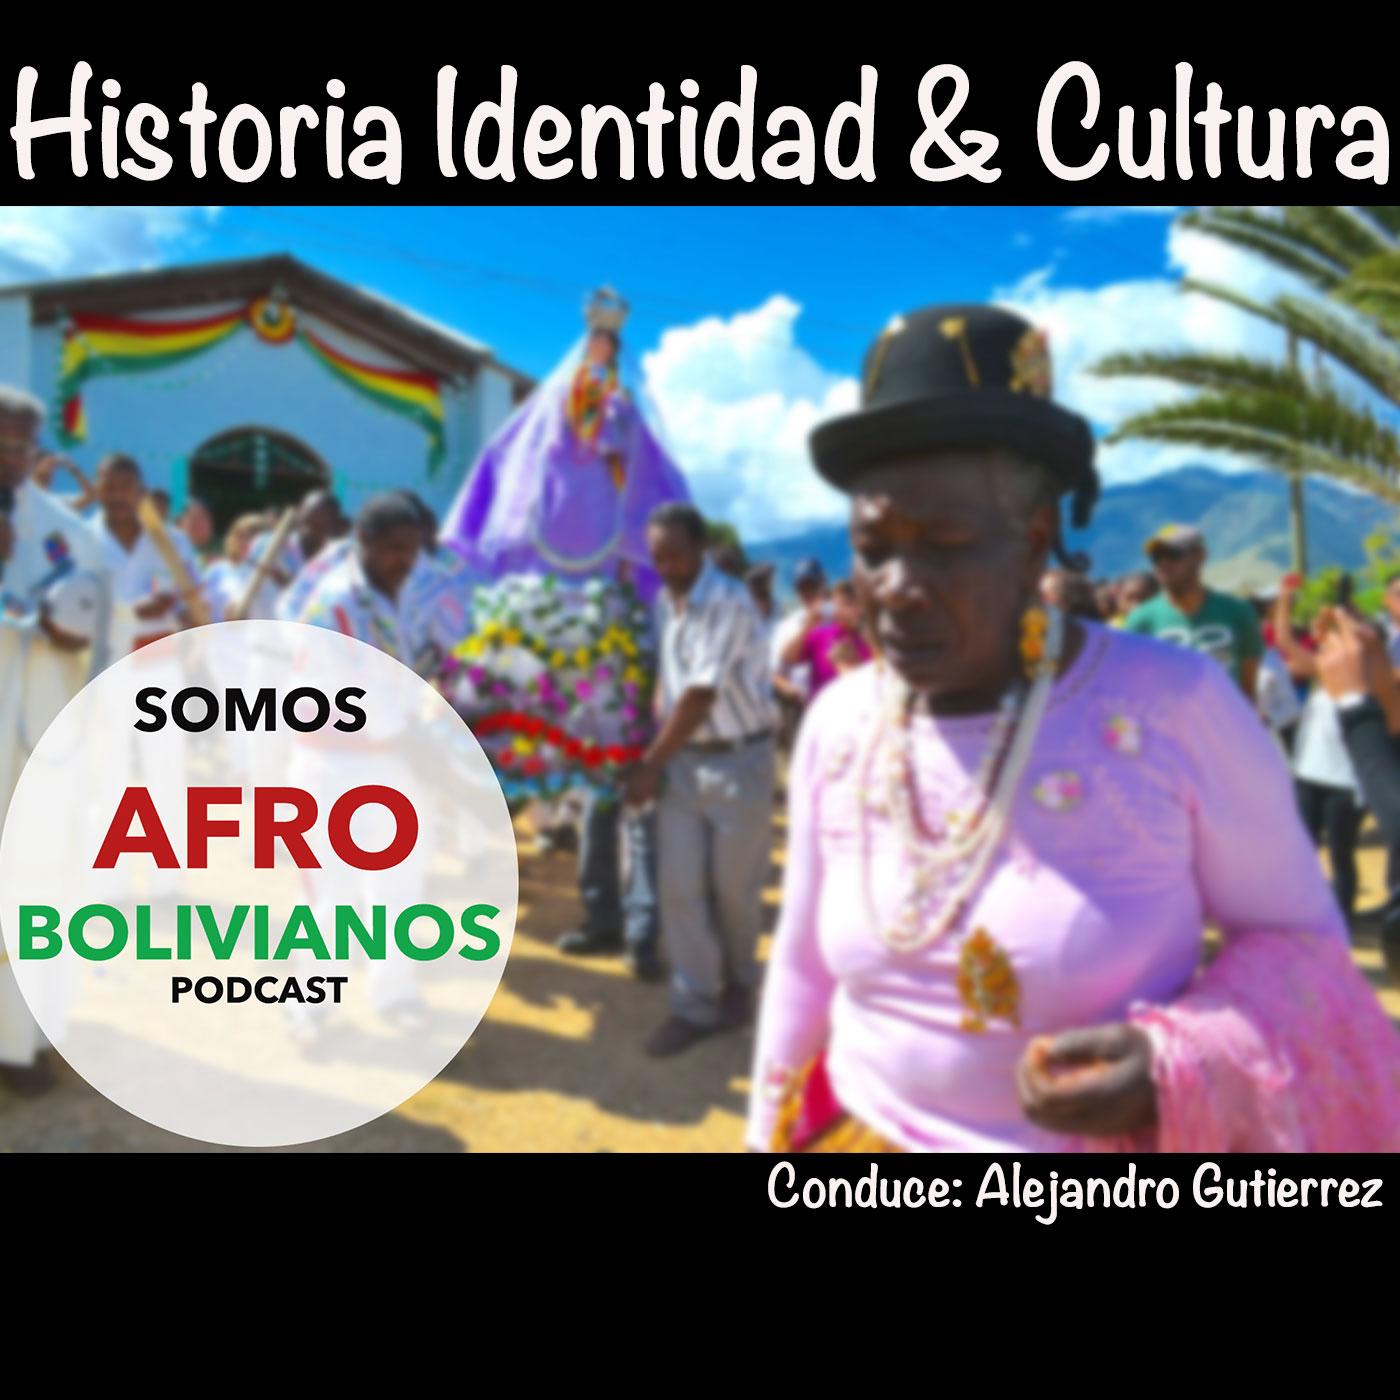 Episodio 7 Podcast: Las desigualdades educativas, el pongeaje y las migraciones de los Afrobolivianos en los 80's